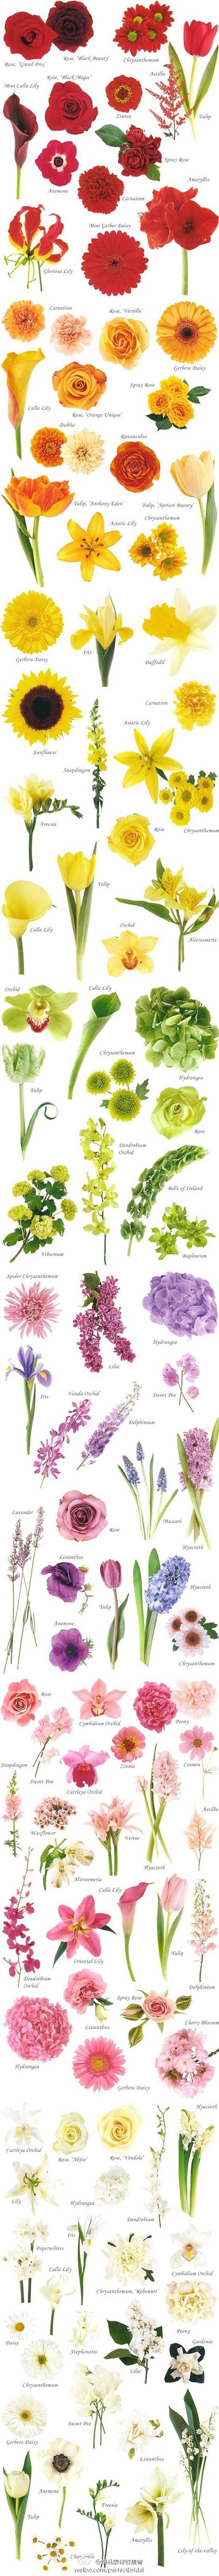 Цветы на клумбу - сочетания садовых цветов